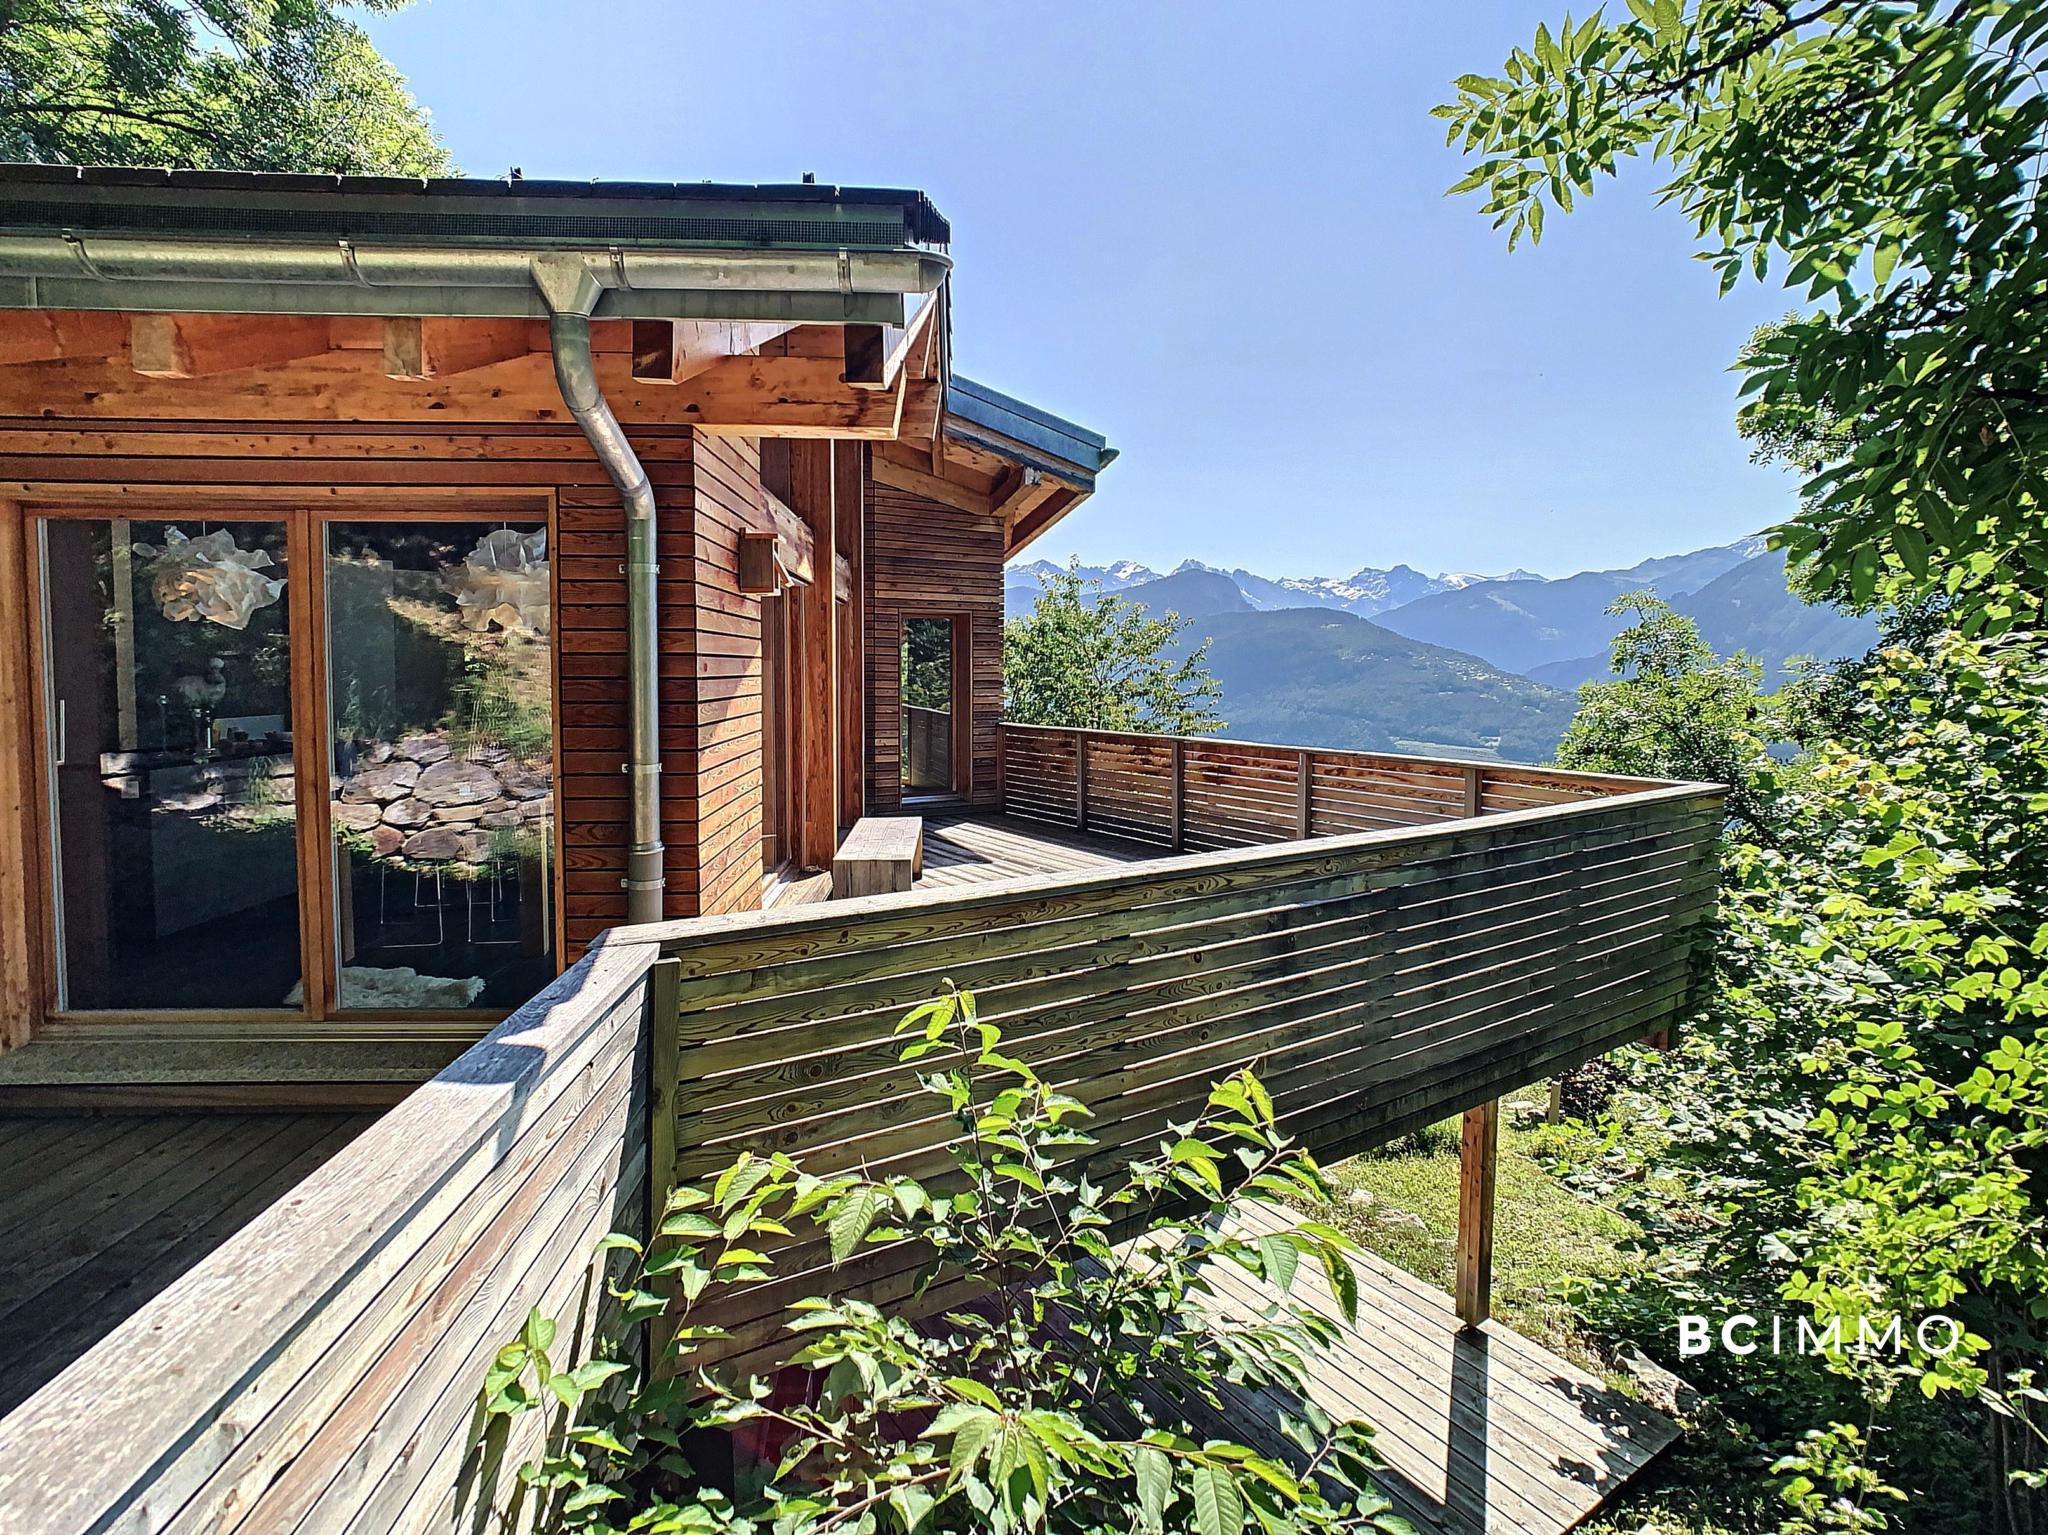 BC Immo - RESERVE - En pleine nature, sublime villa d'architecte  - VAL1928GS